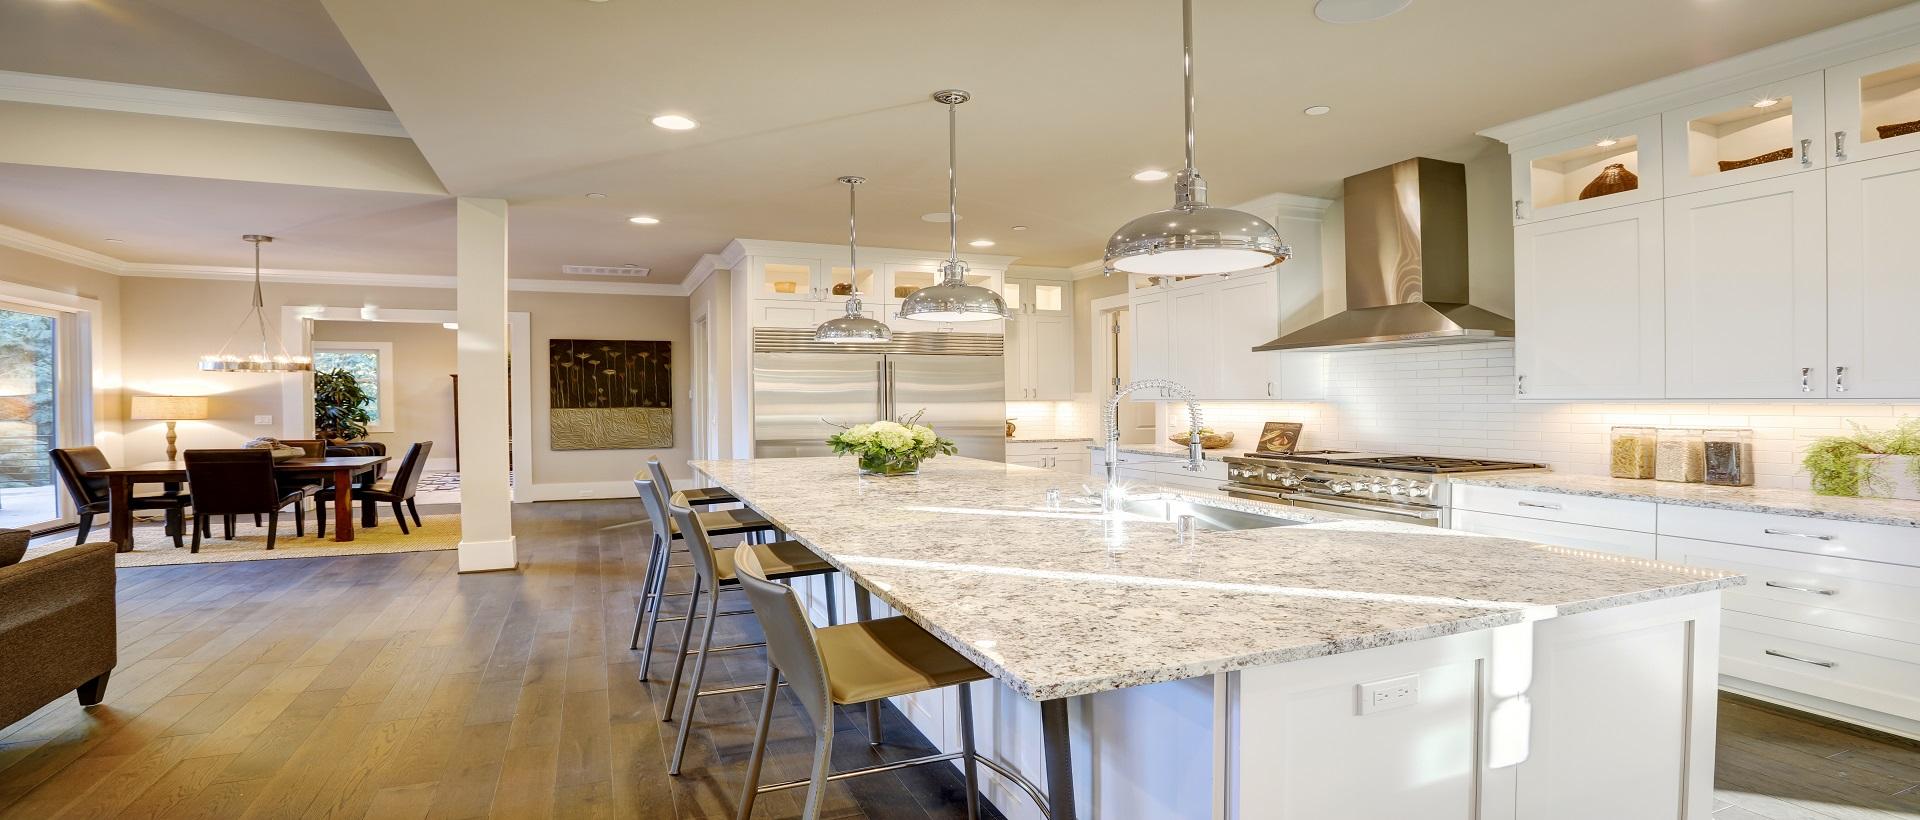 Home Remodel Experts LA